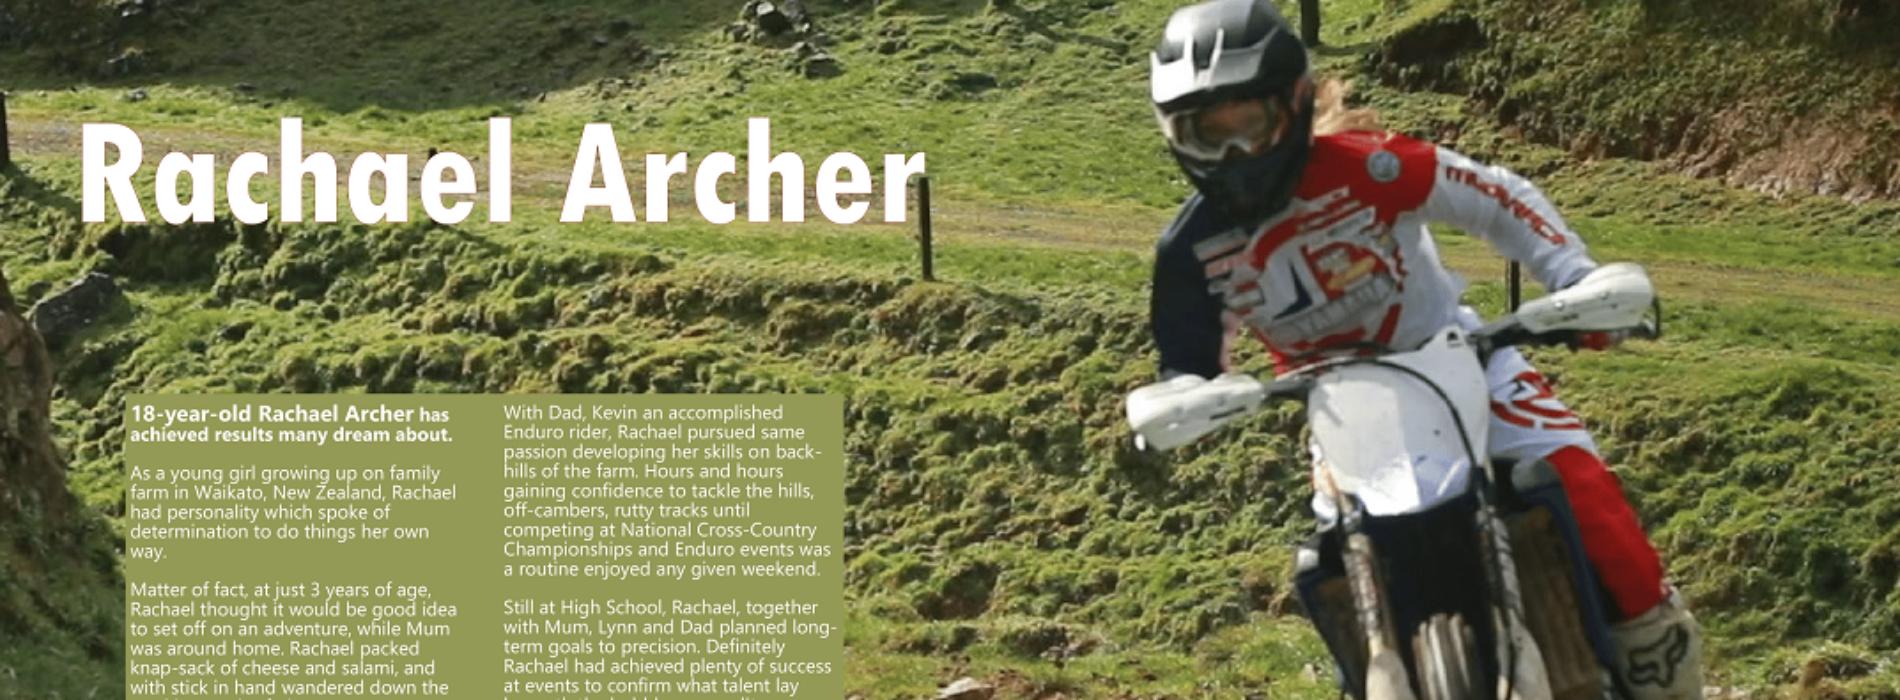 Rachael Archer achieved fantastic results in 2020 GNCC WXC- sneak peek #3 in Women in Motorsport Magazine